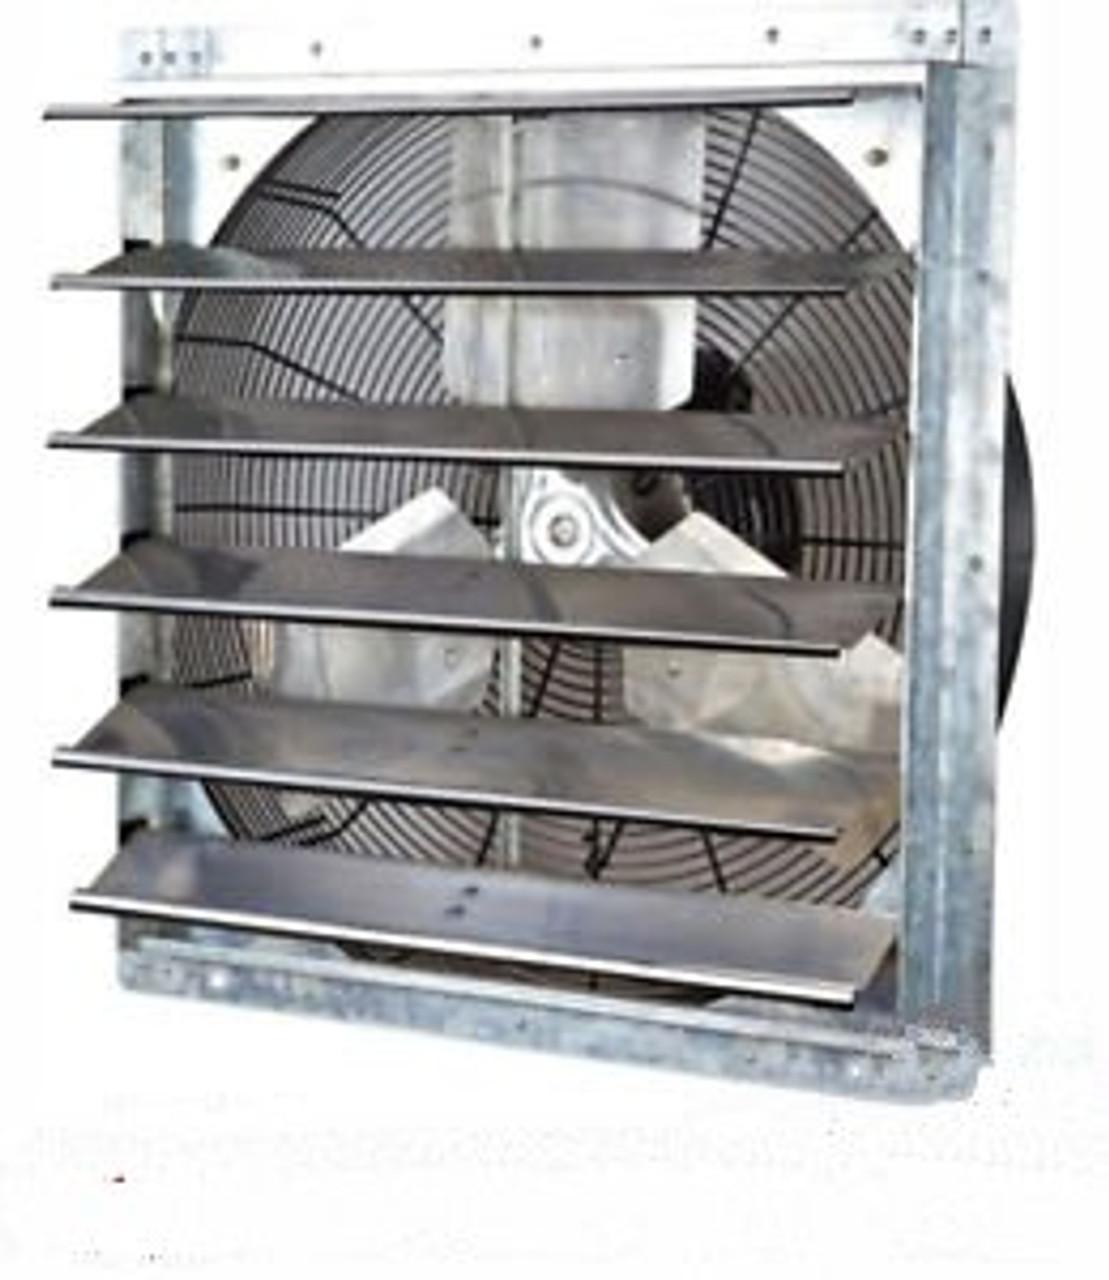 24 industrial exhaust shutter fan 3 speed wall mount 4200 cfm garage shop barn